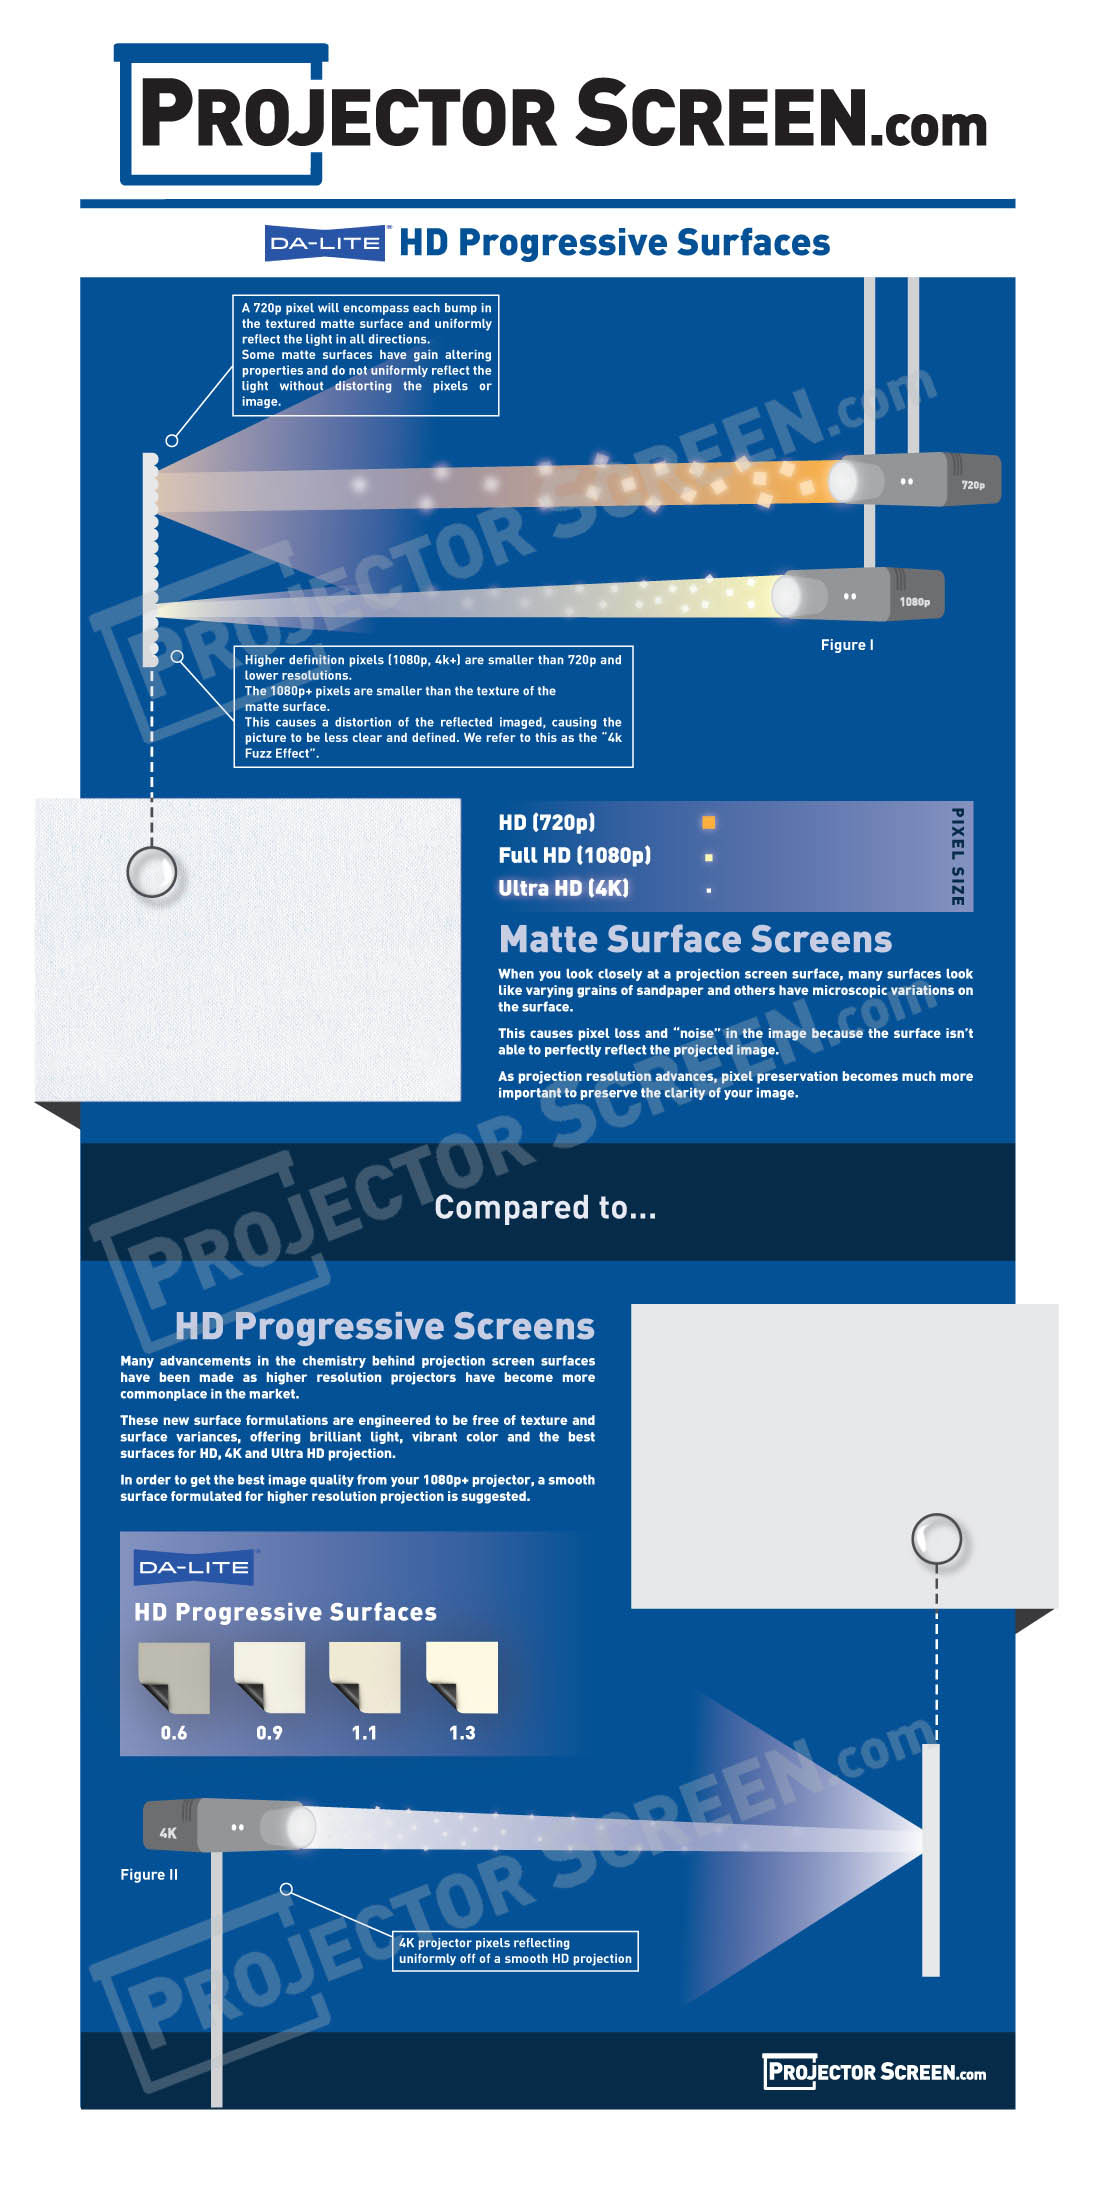 Da-lite HD Progressive Surfaces